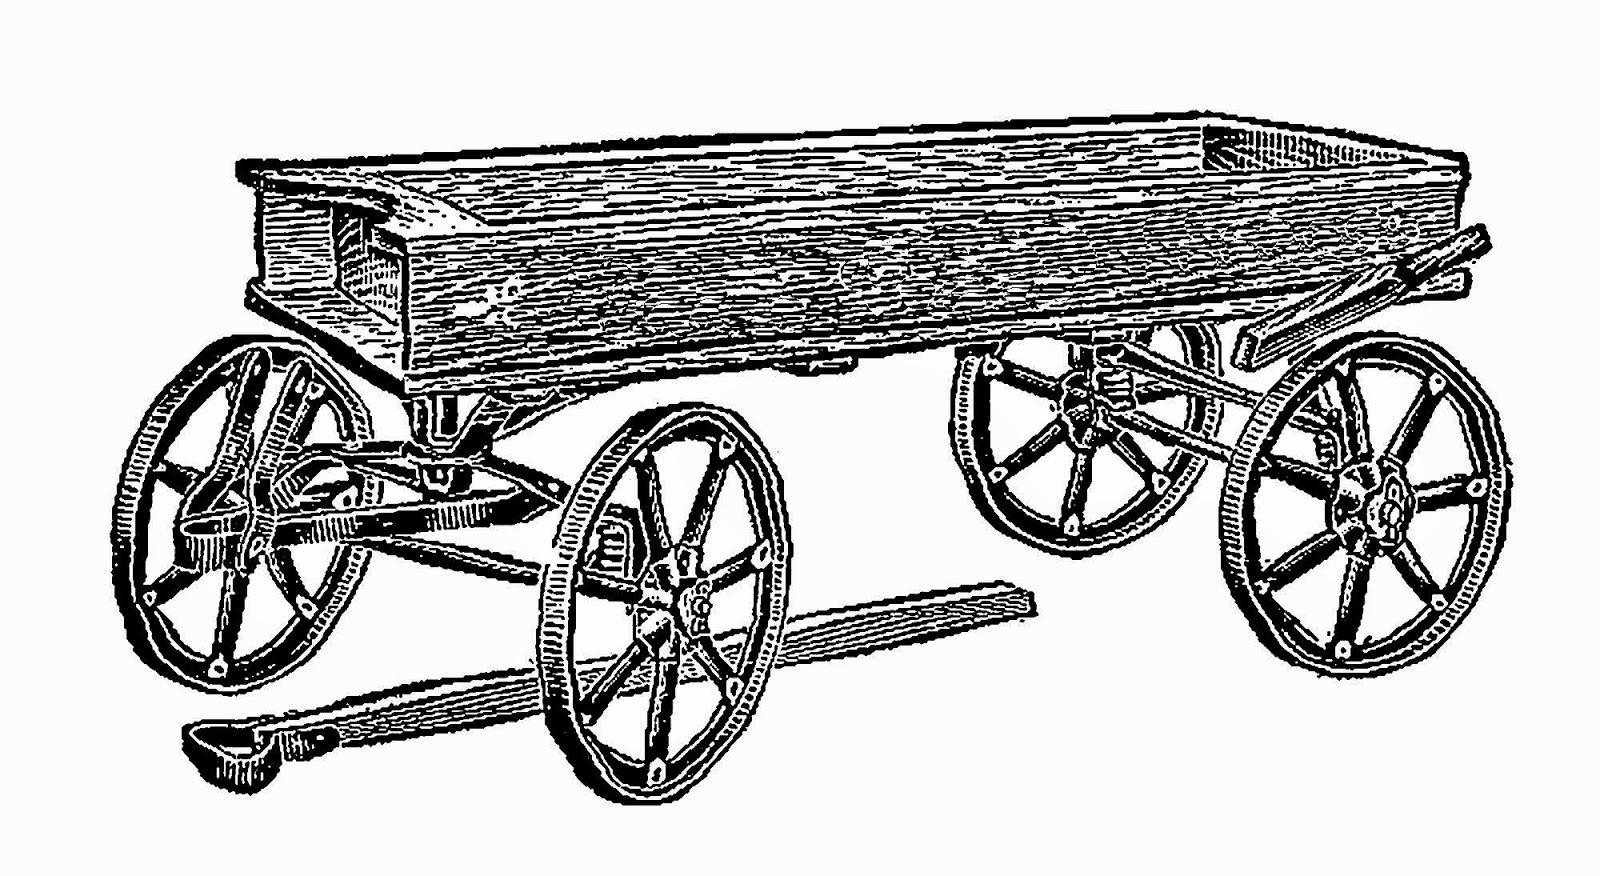 http://2.bp.blogspot.com/-sKcsjEi-uGE/VLgALphlybI/AAAAAAAAVDs/YUnhjnC_kHo/s1600/child_wagon_1913_01-2.jpg